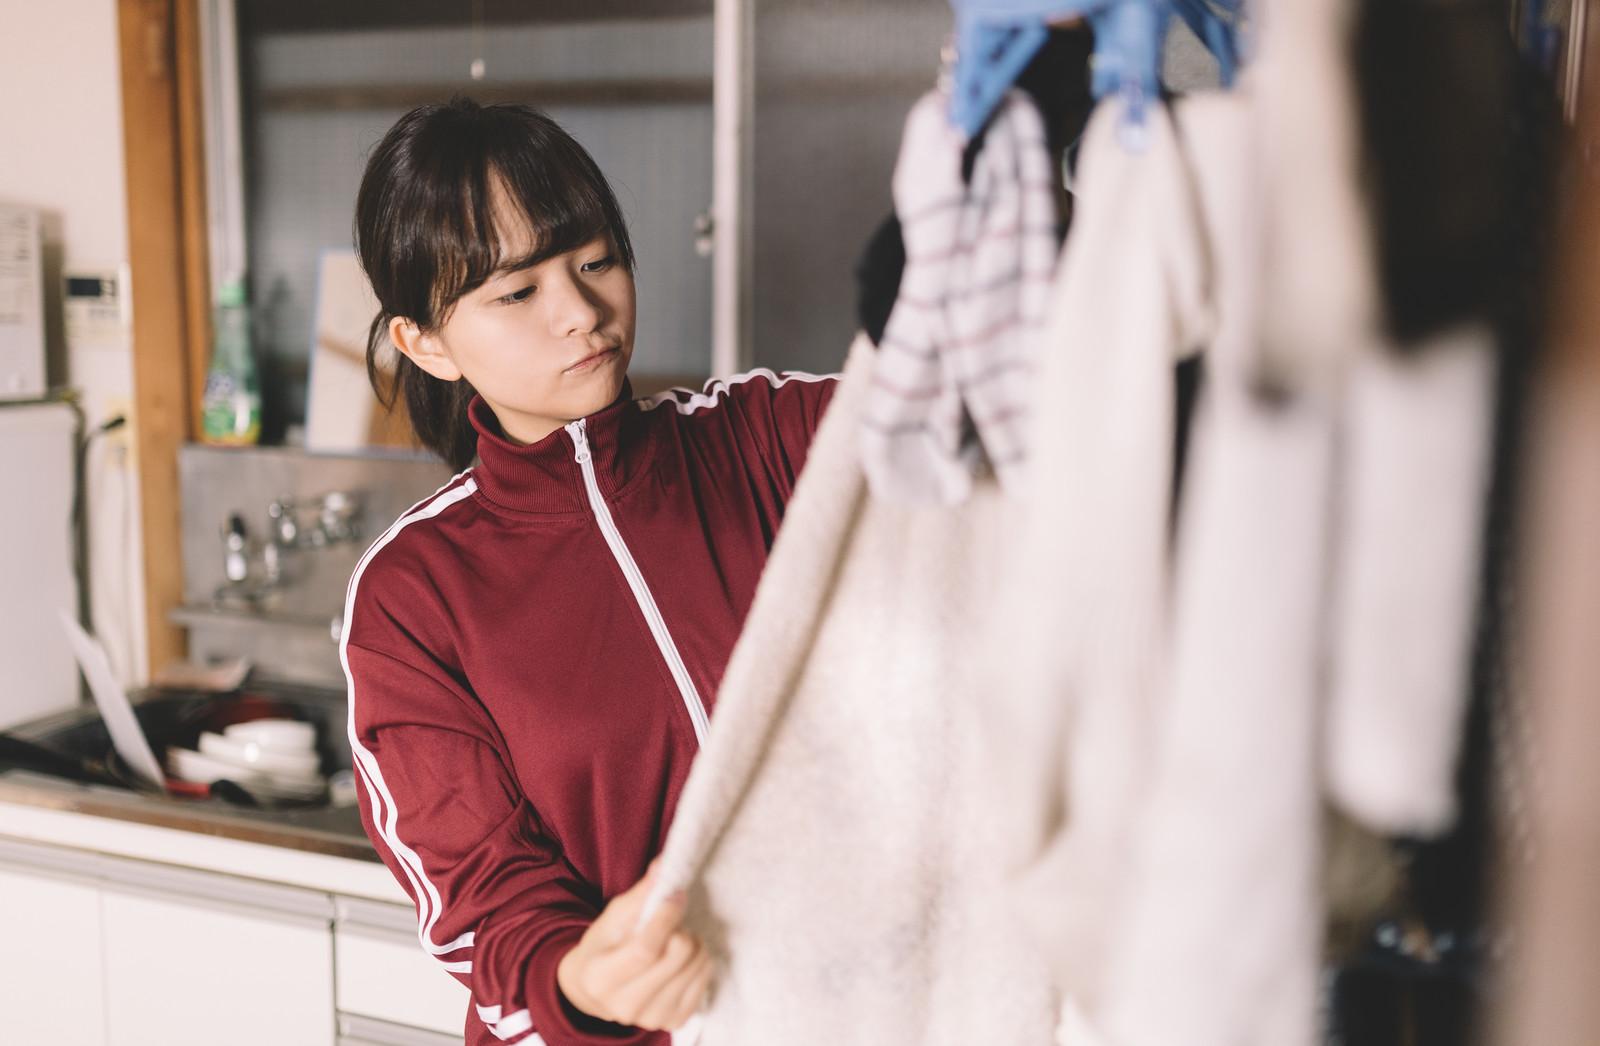 洗濯の頻度【服は何回着たら洗う?】実は1回で汚いし臭ってる!